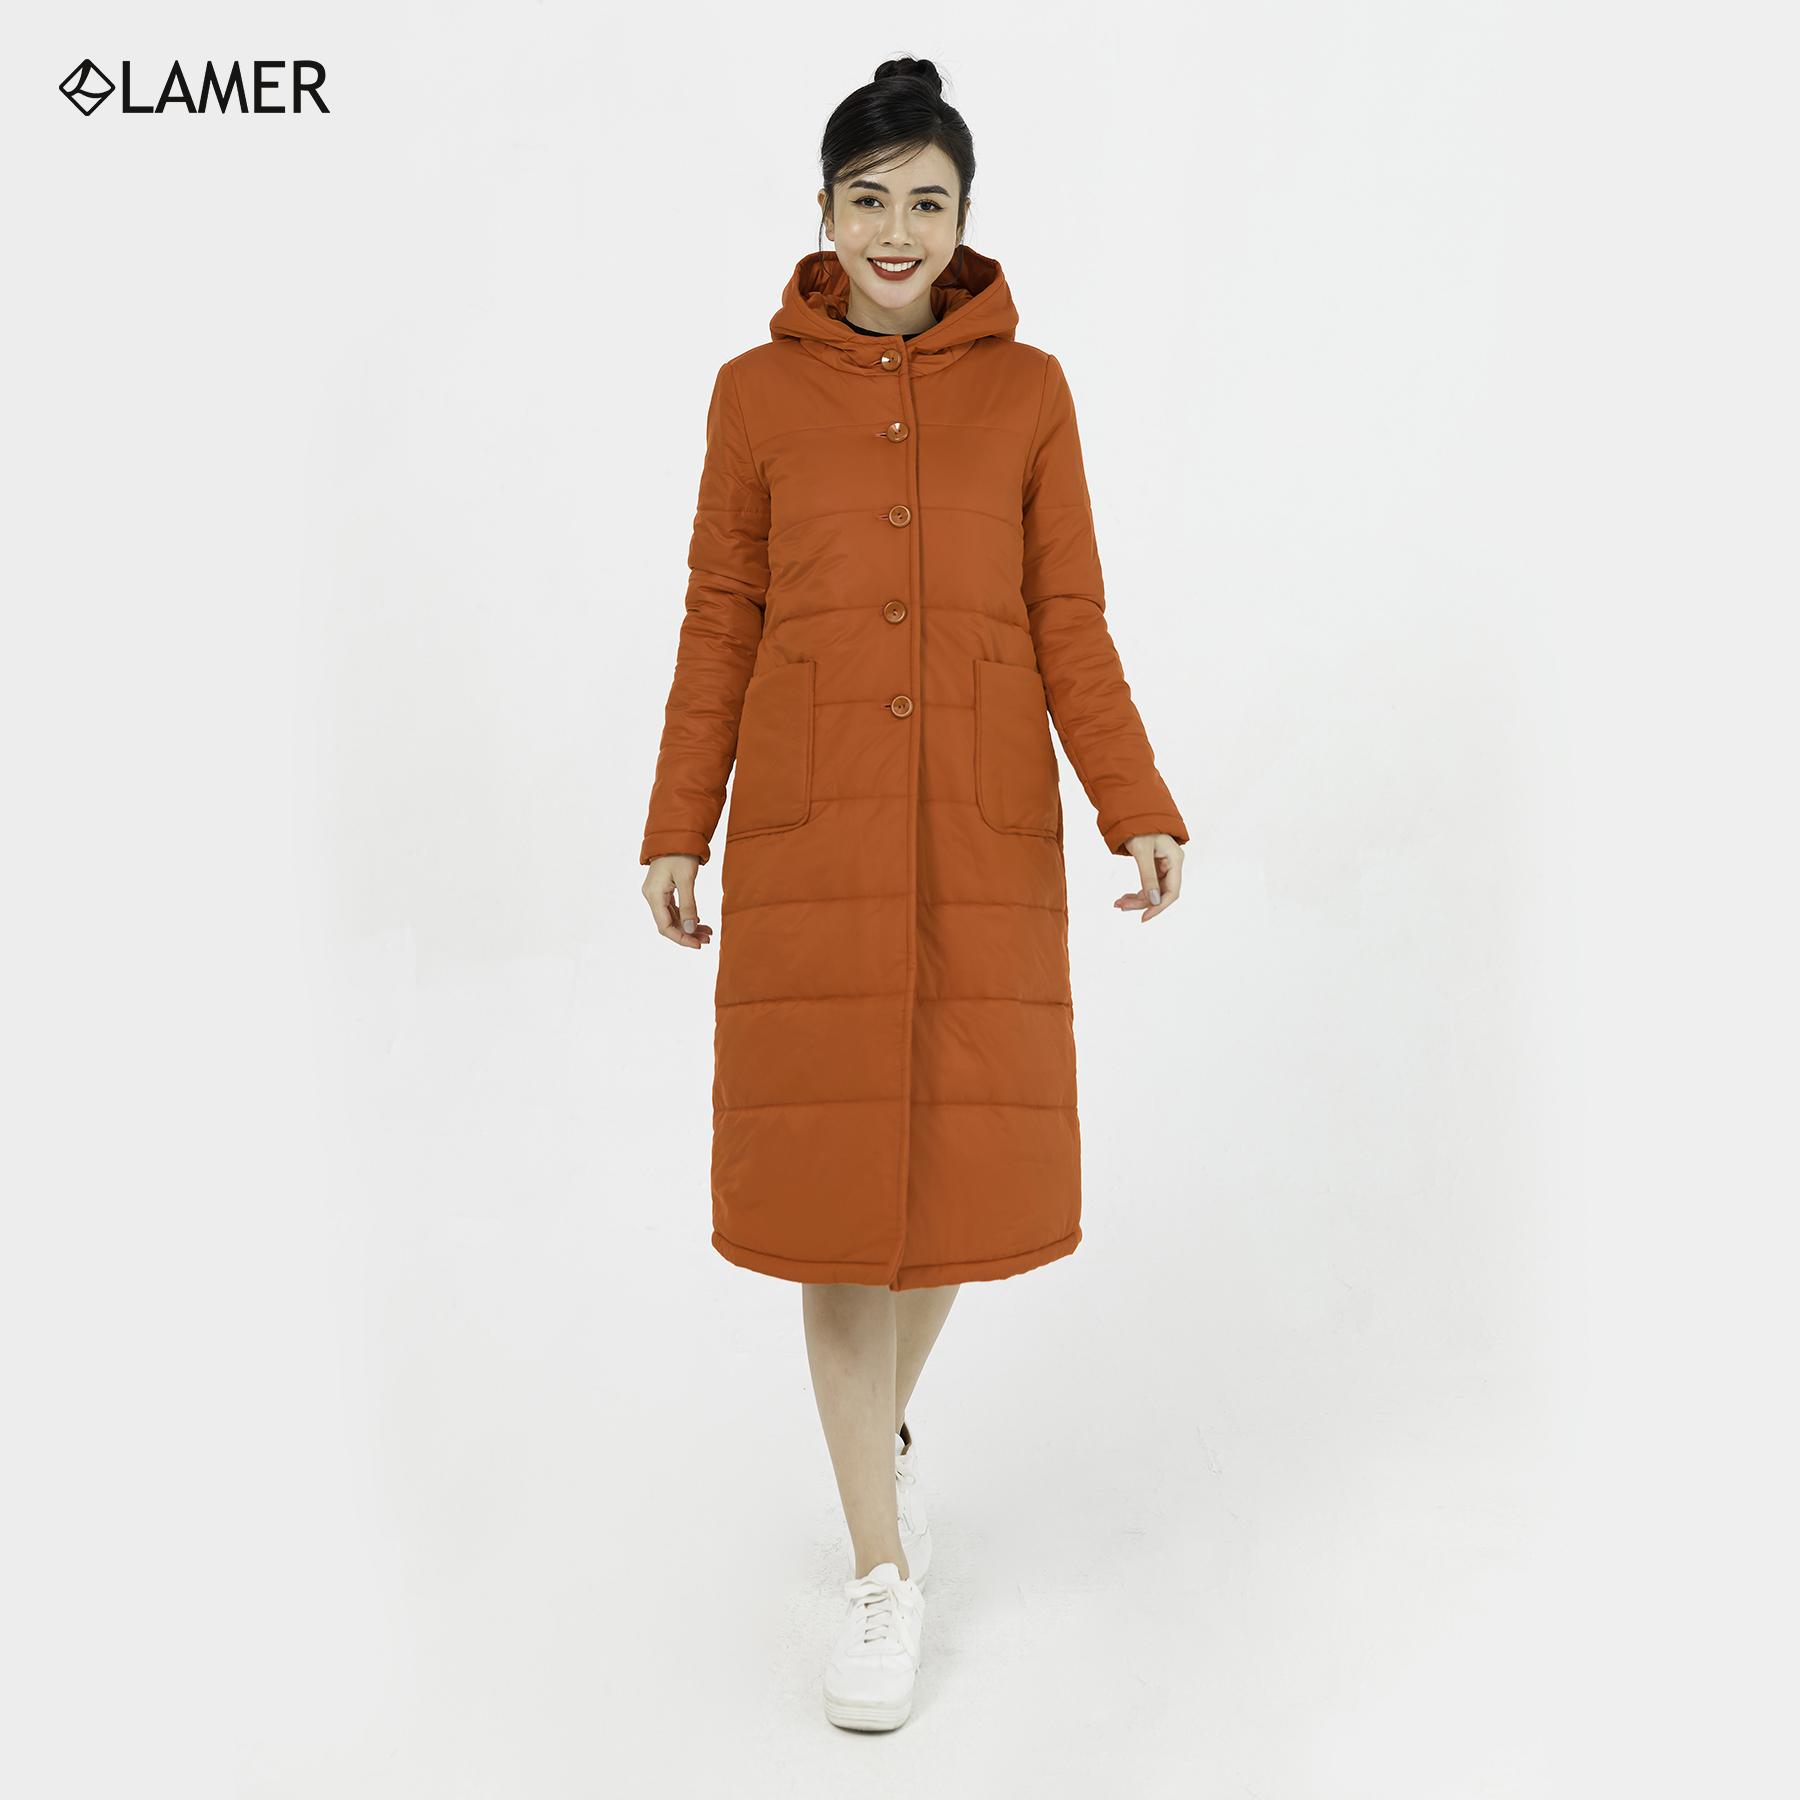 Áo phao mũ túi ốp LAMER L65P18T080